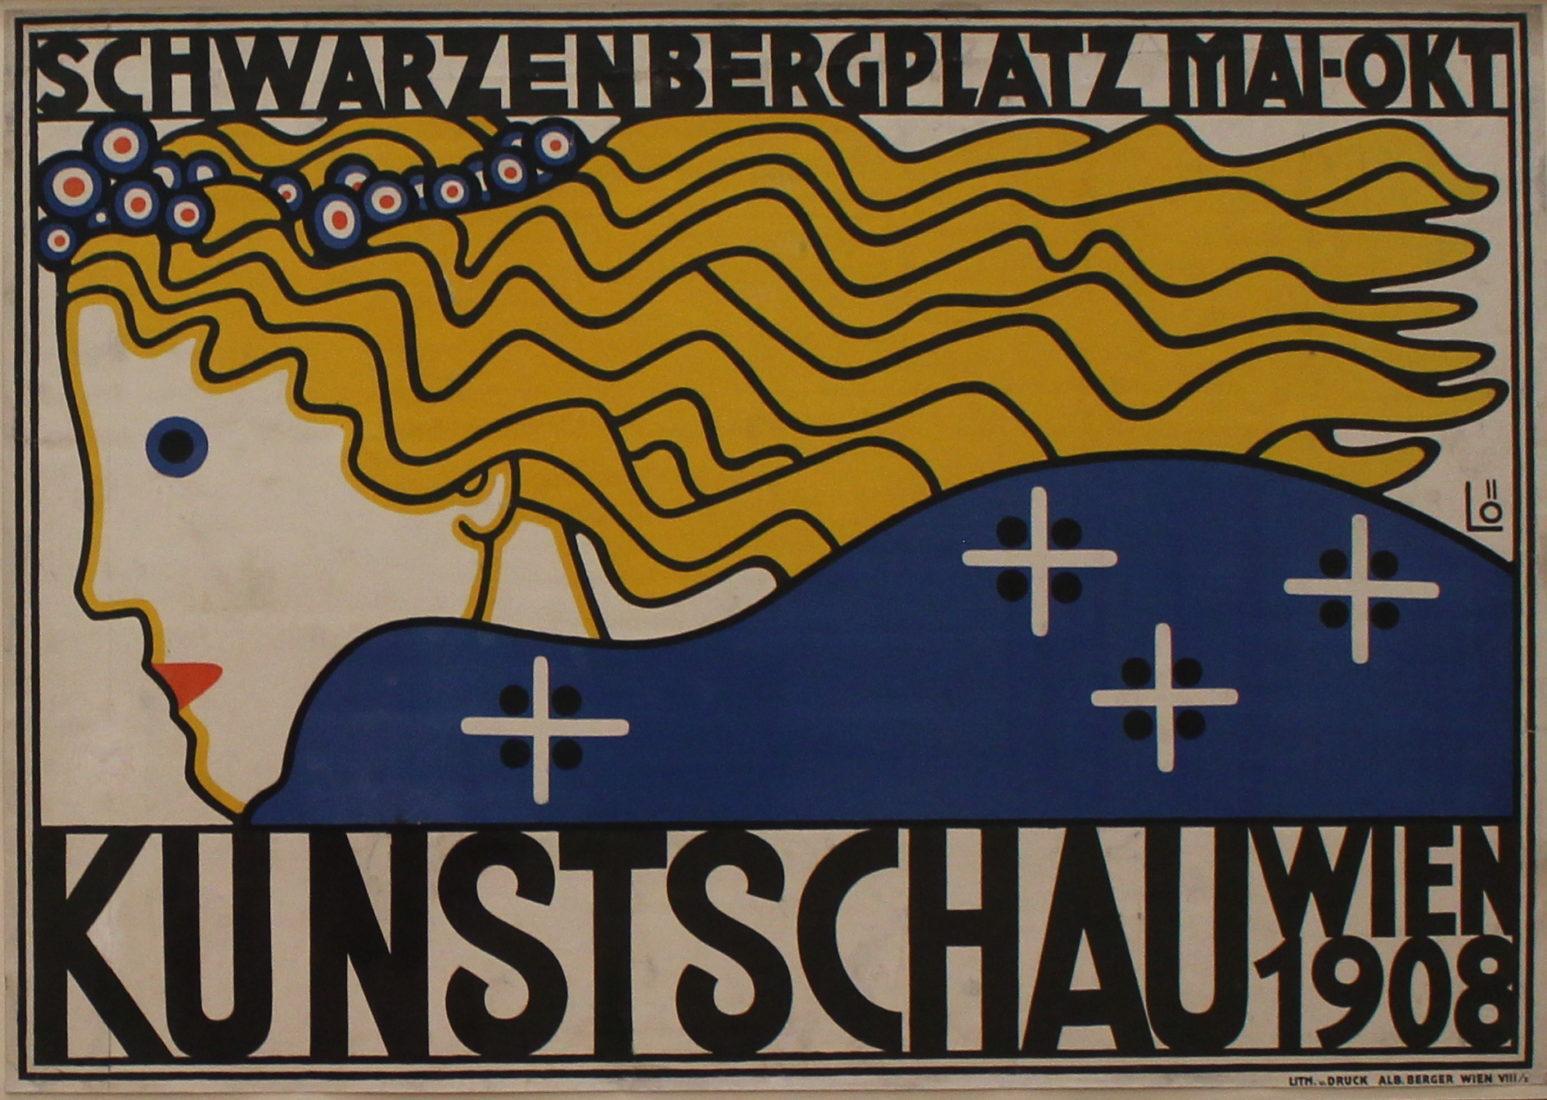 Bertold Löffler. Affiche pour la Kunstschau,1908